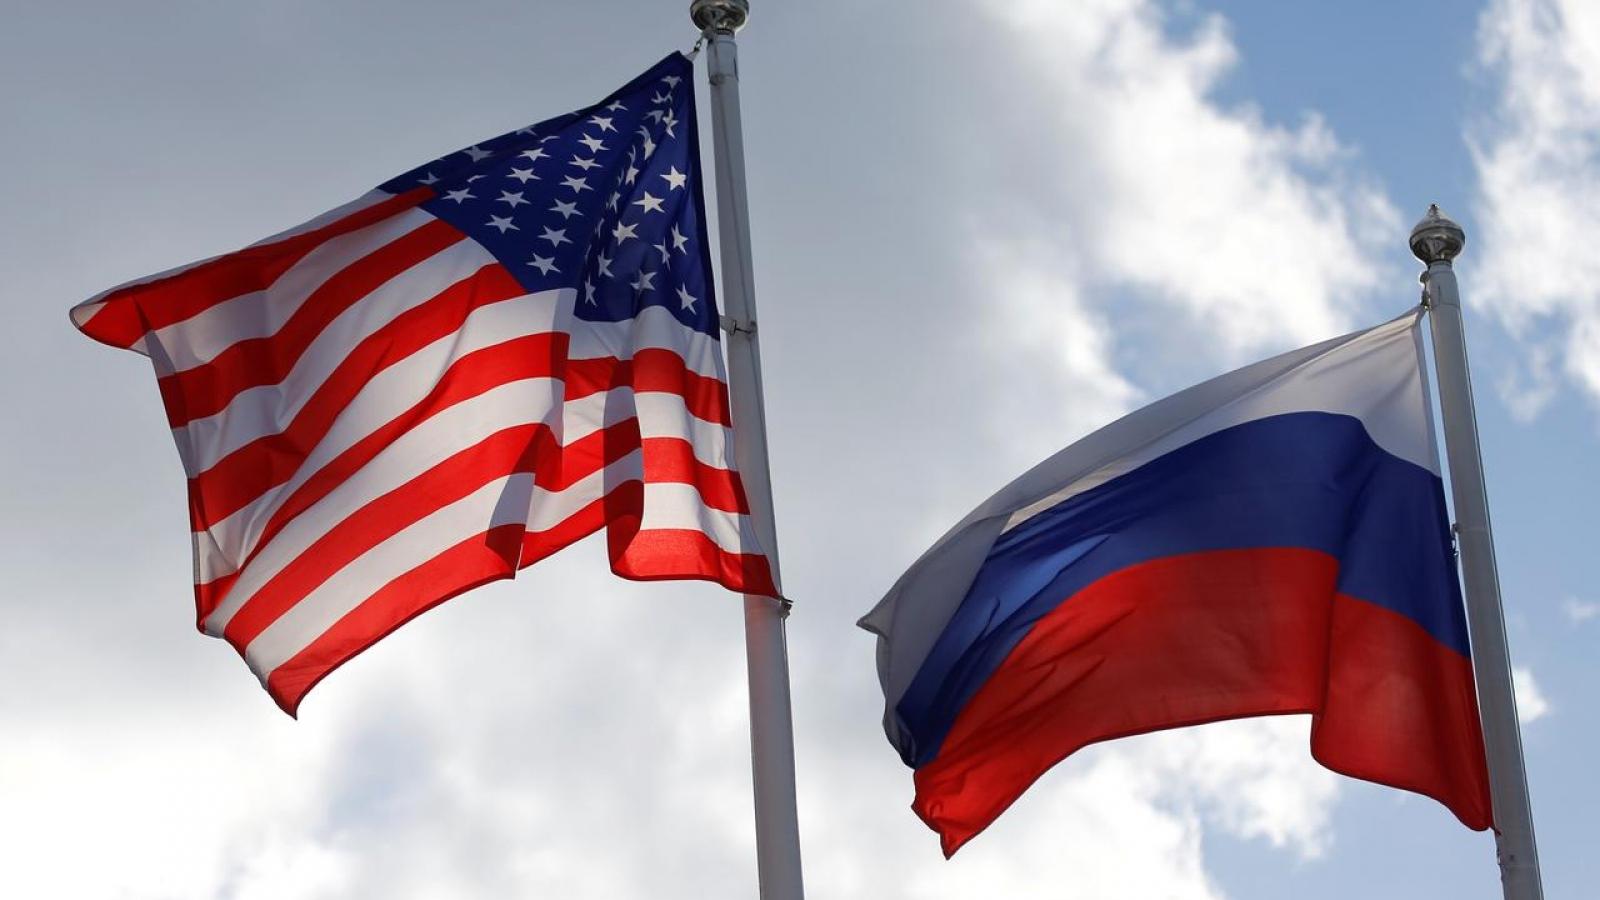 Nga sẵn sàng trở lại Hiệp ước Bầu trời Mở nếu Mỹ có động thái tương tự